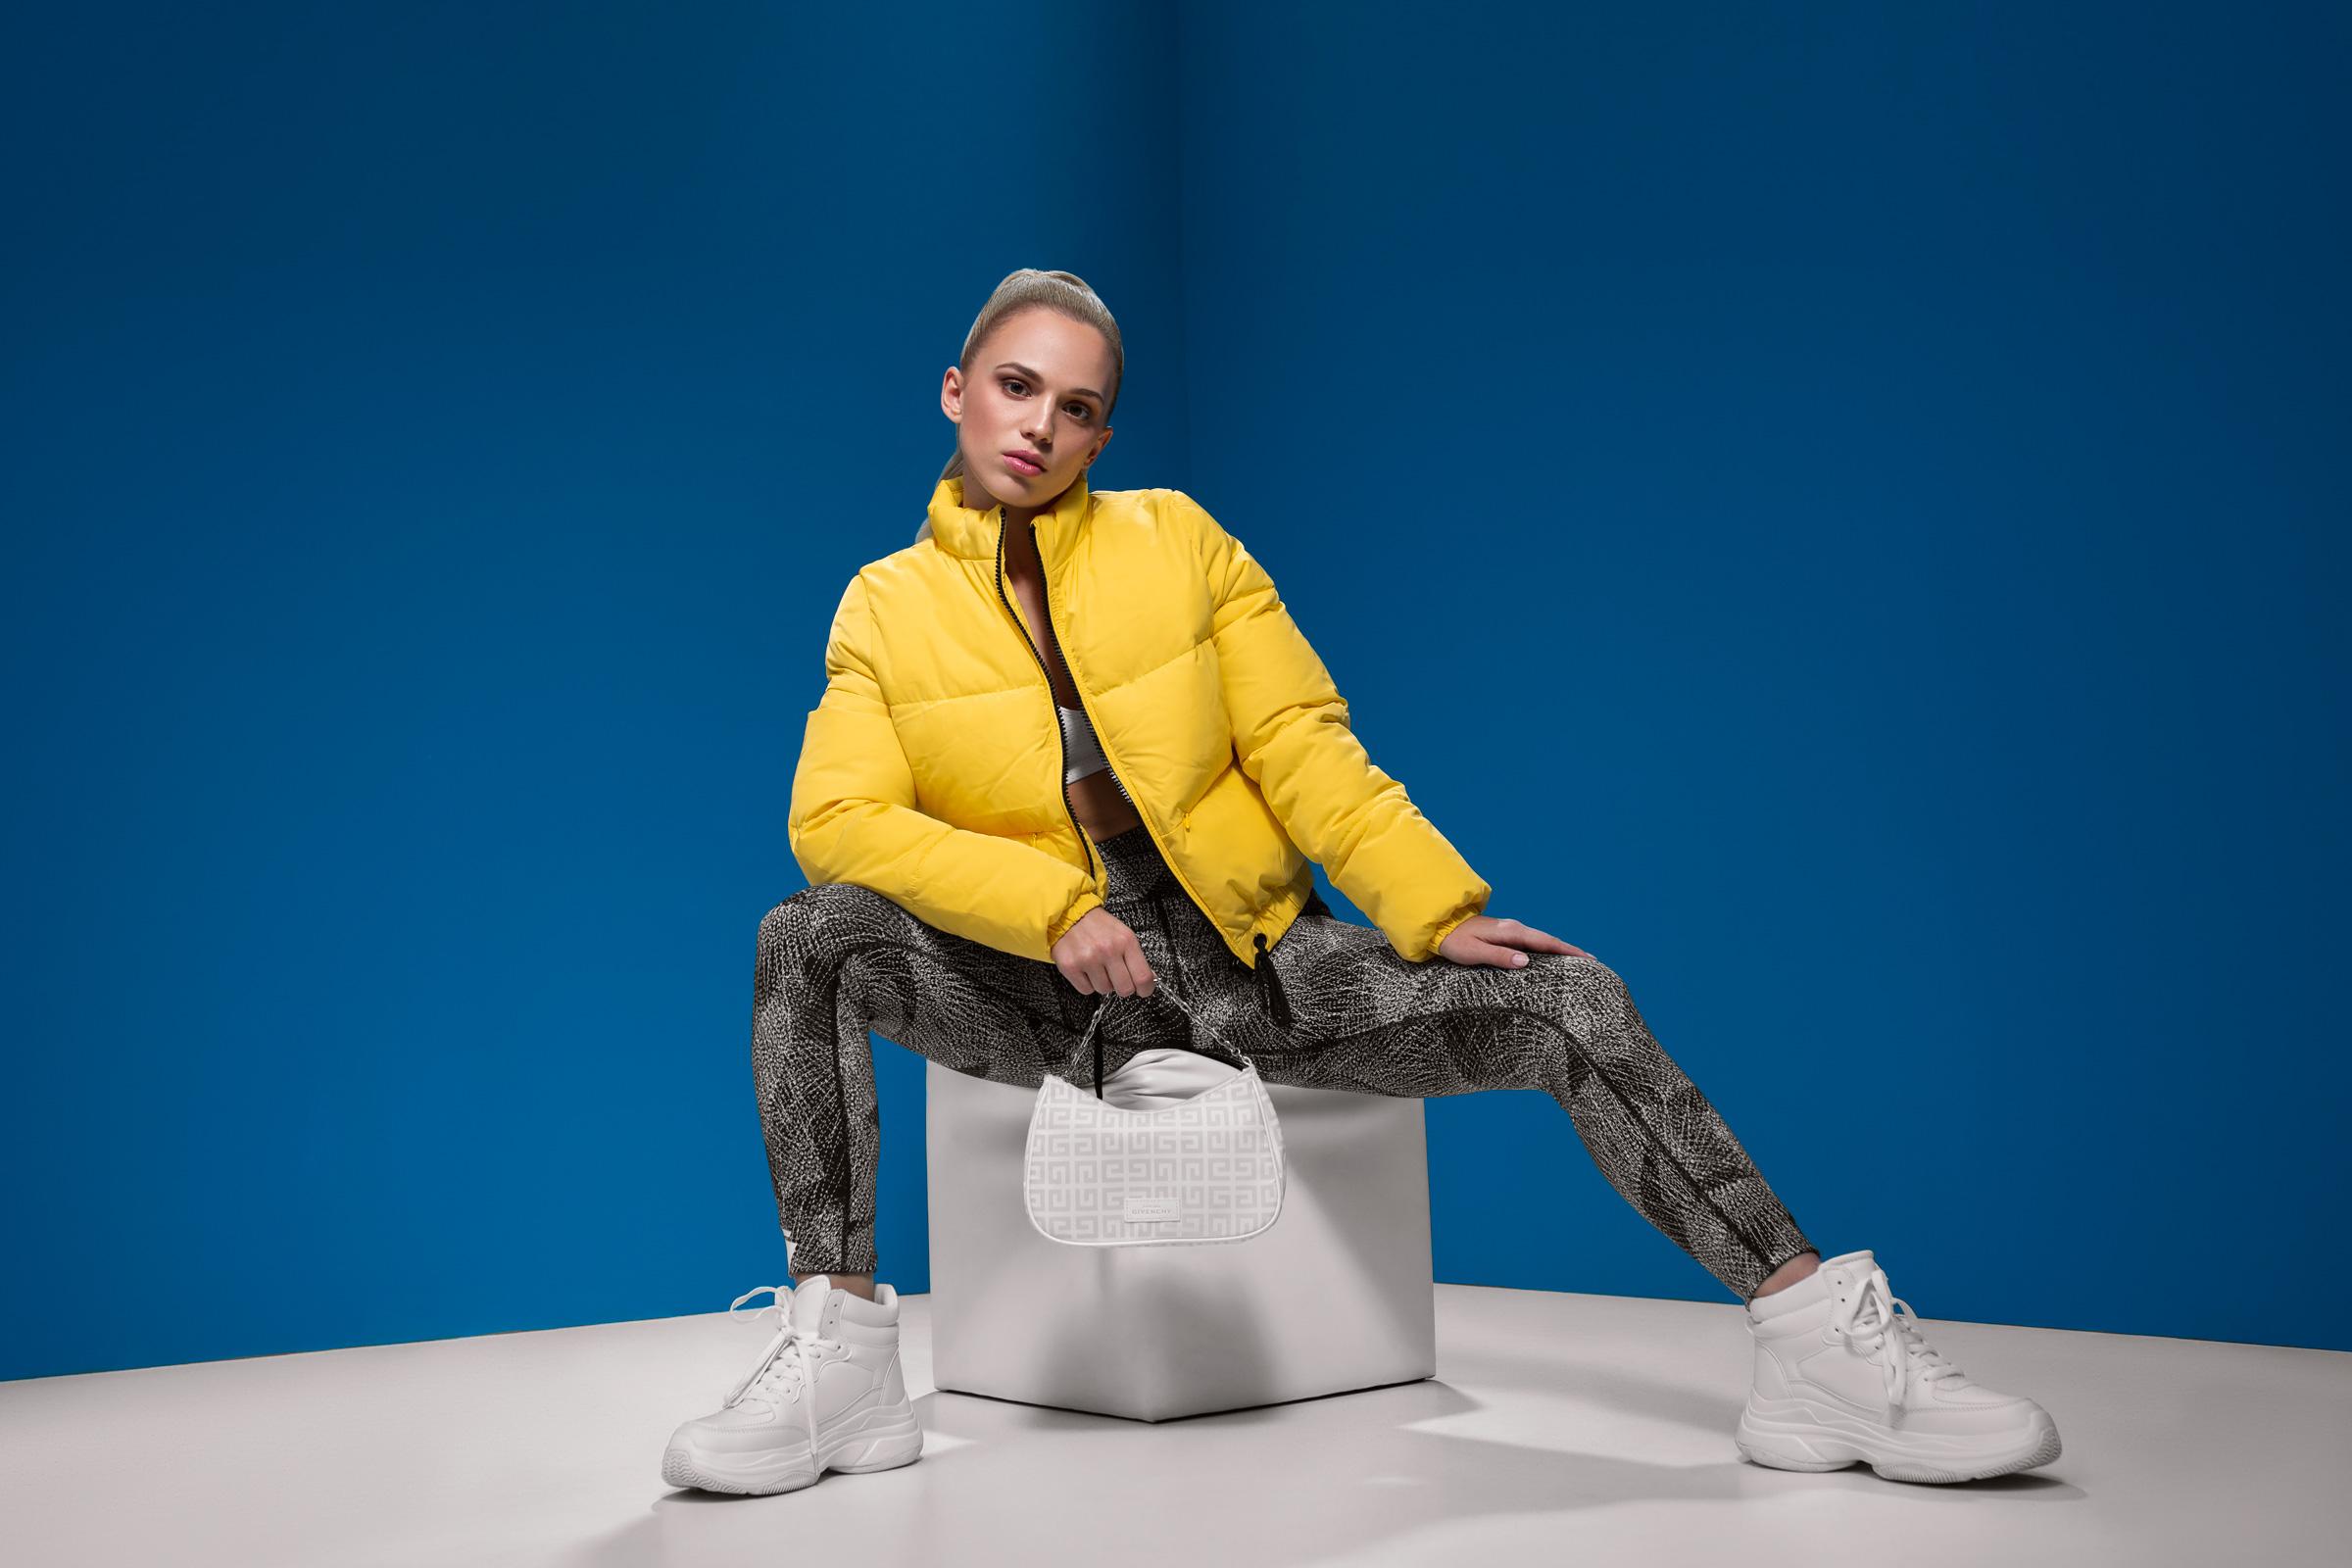 Model post im Studio vor einer blauen Wand | Model is posing in the studio in front of a blue wall